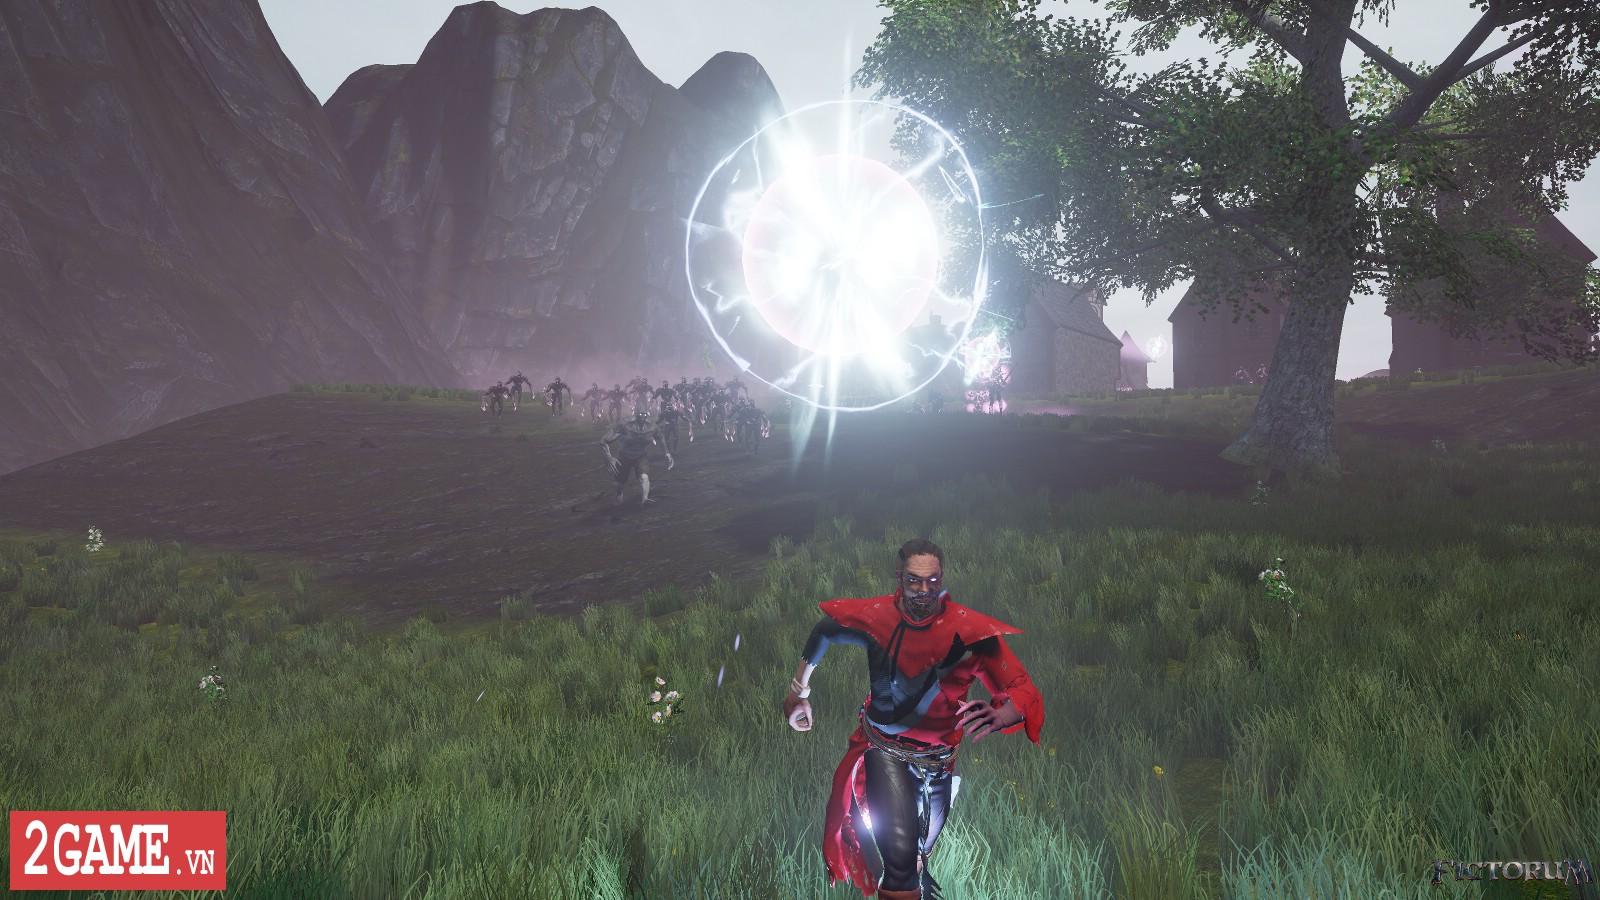 Fictorum - Game nhập vai thế giới mở cho người chơi trở thành những Phù thủy thực sự 8